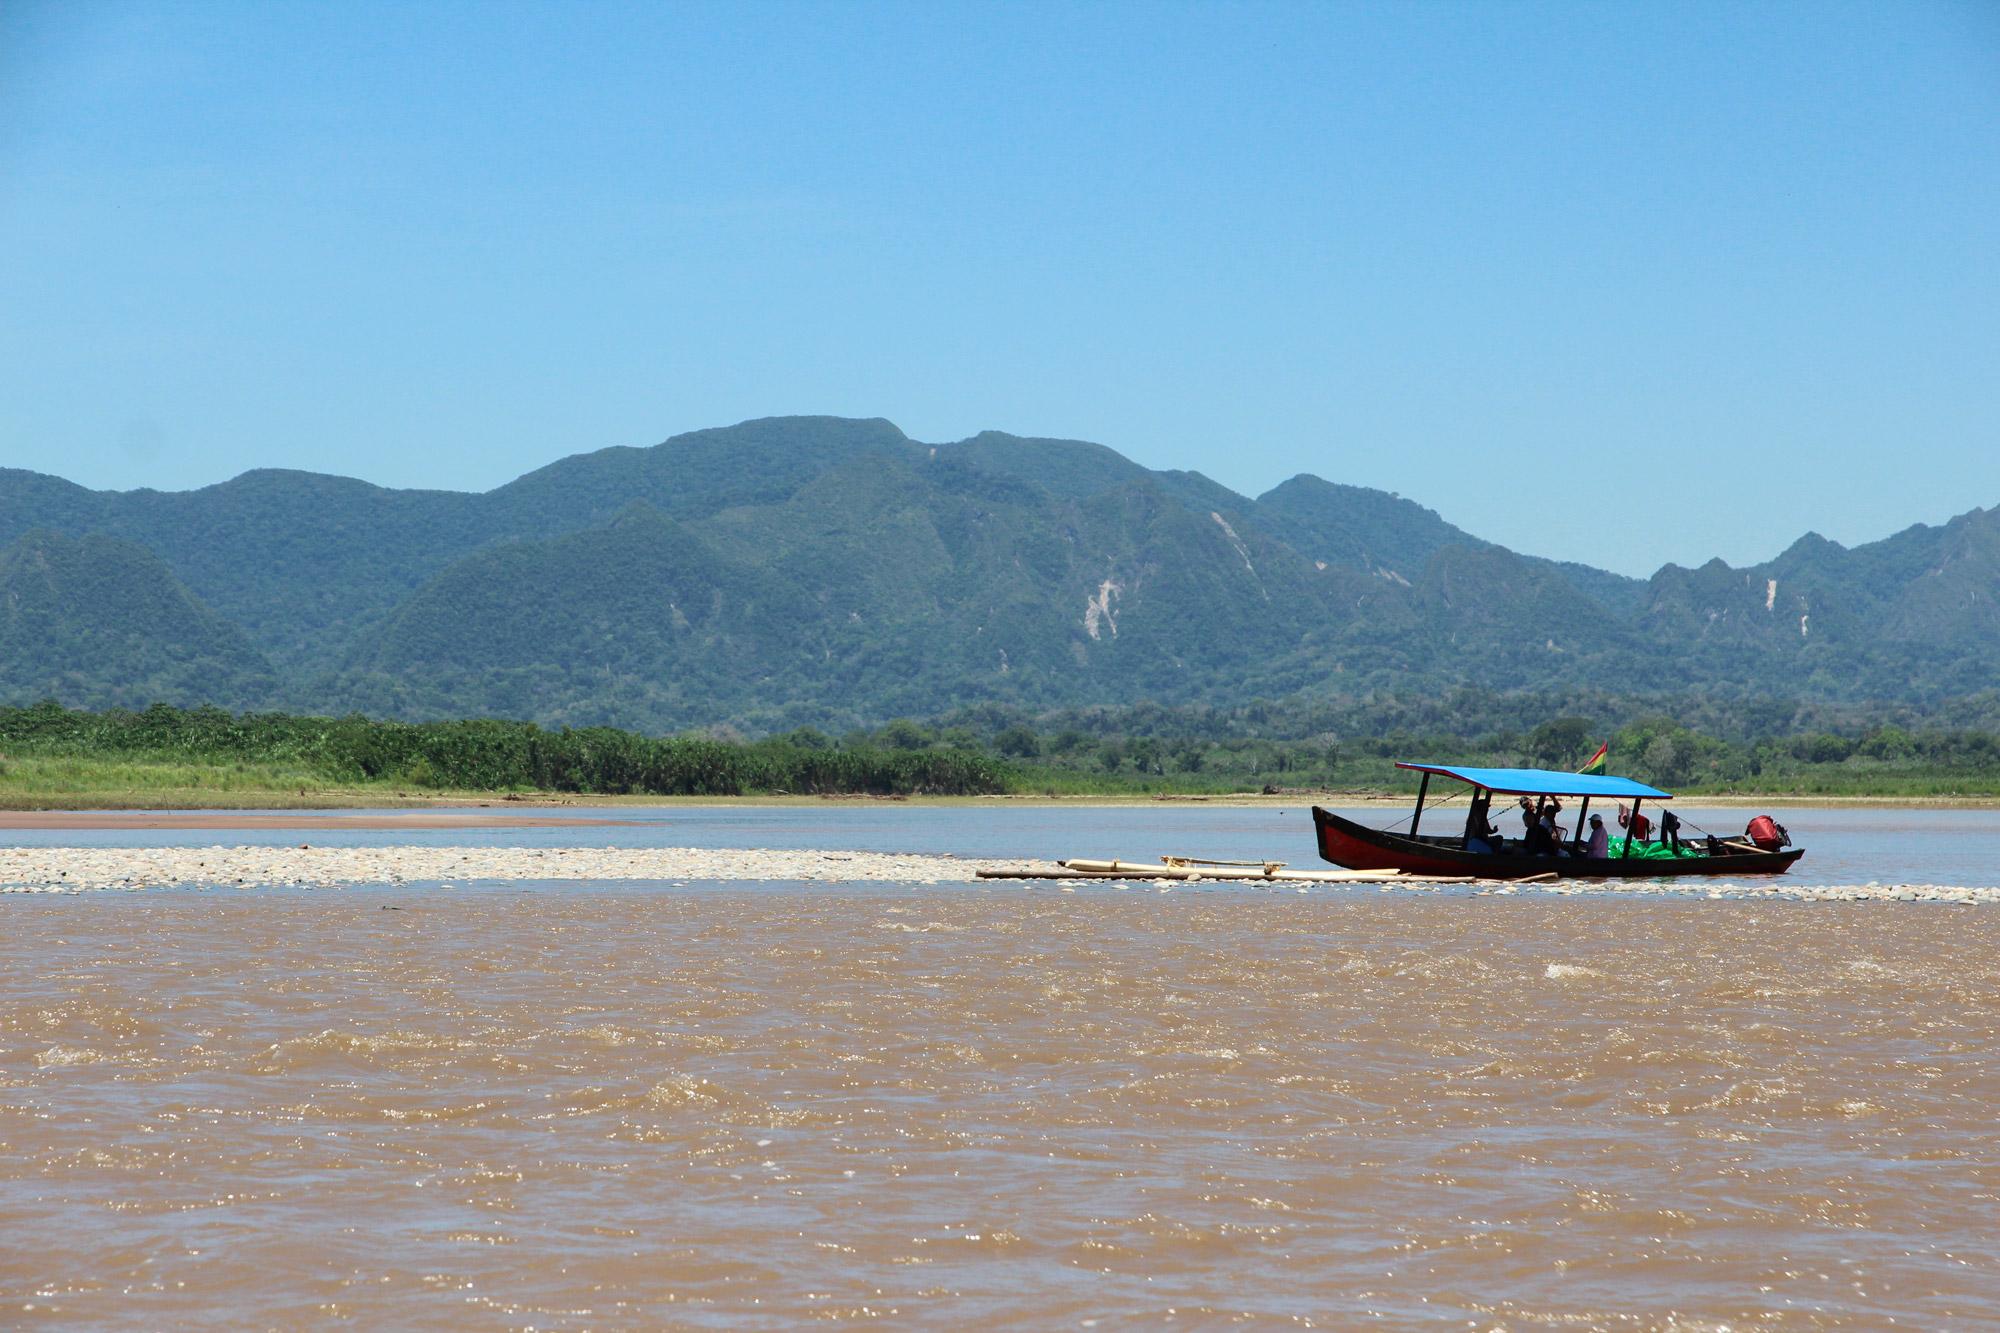 Bolivia 2016 - Dag 18 - Met de boot terug naar Rurrenabaque